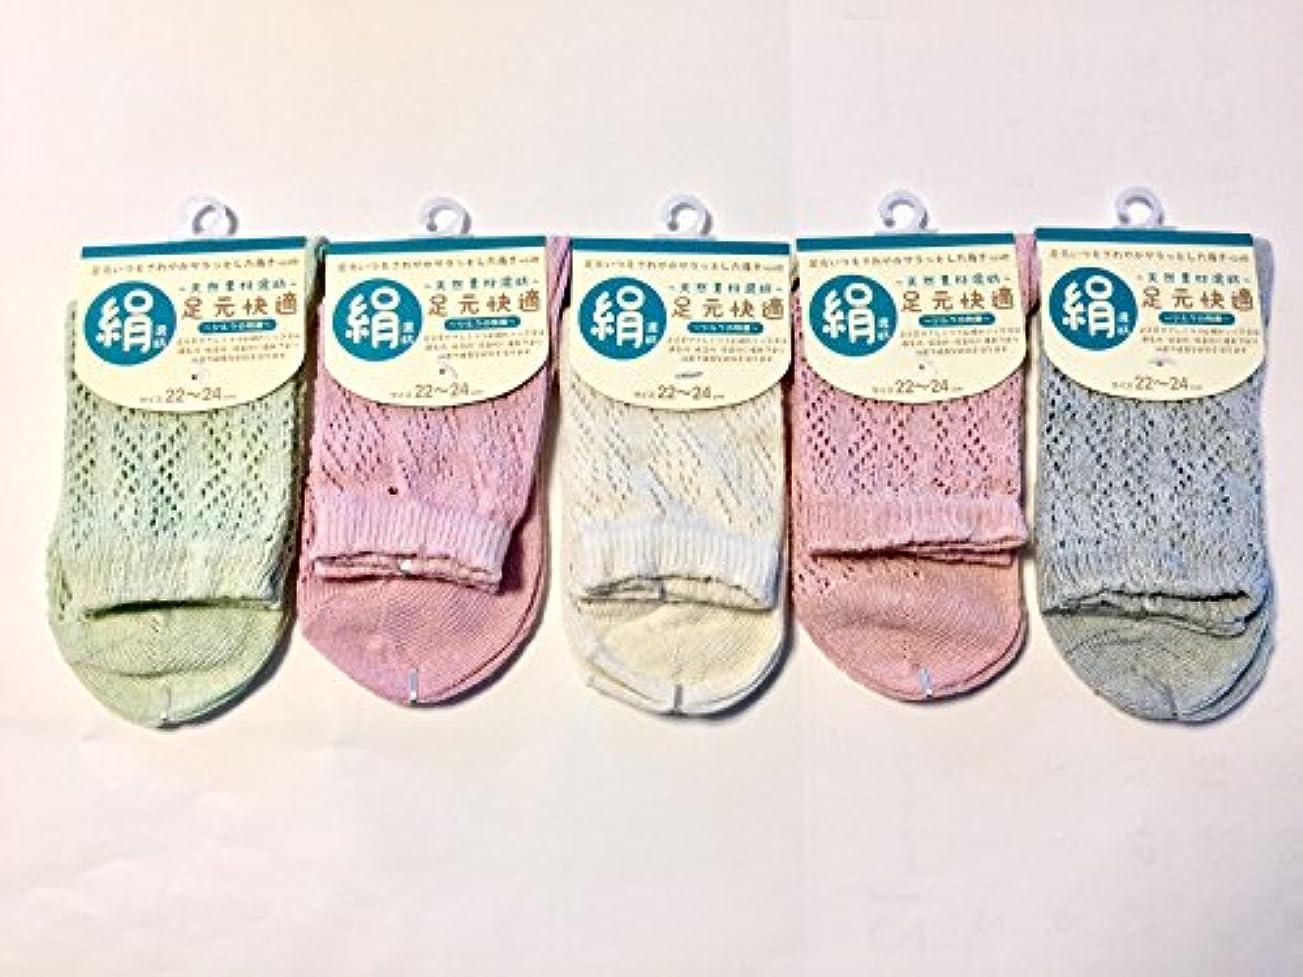 ひどく靴下アマゾンジャングル靴下 レディース 絹混 涼しいルミーソックス おしゃれ手編み風 5色5足組